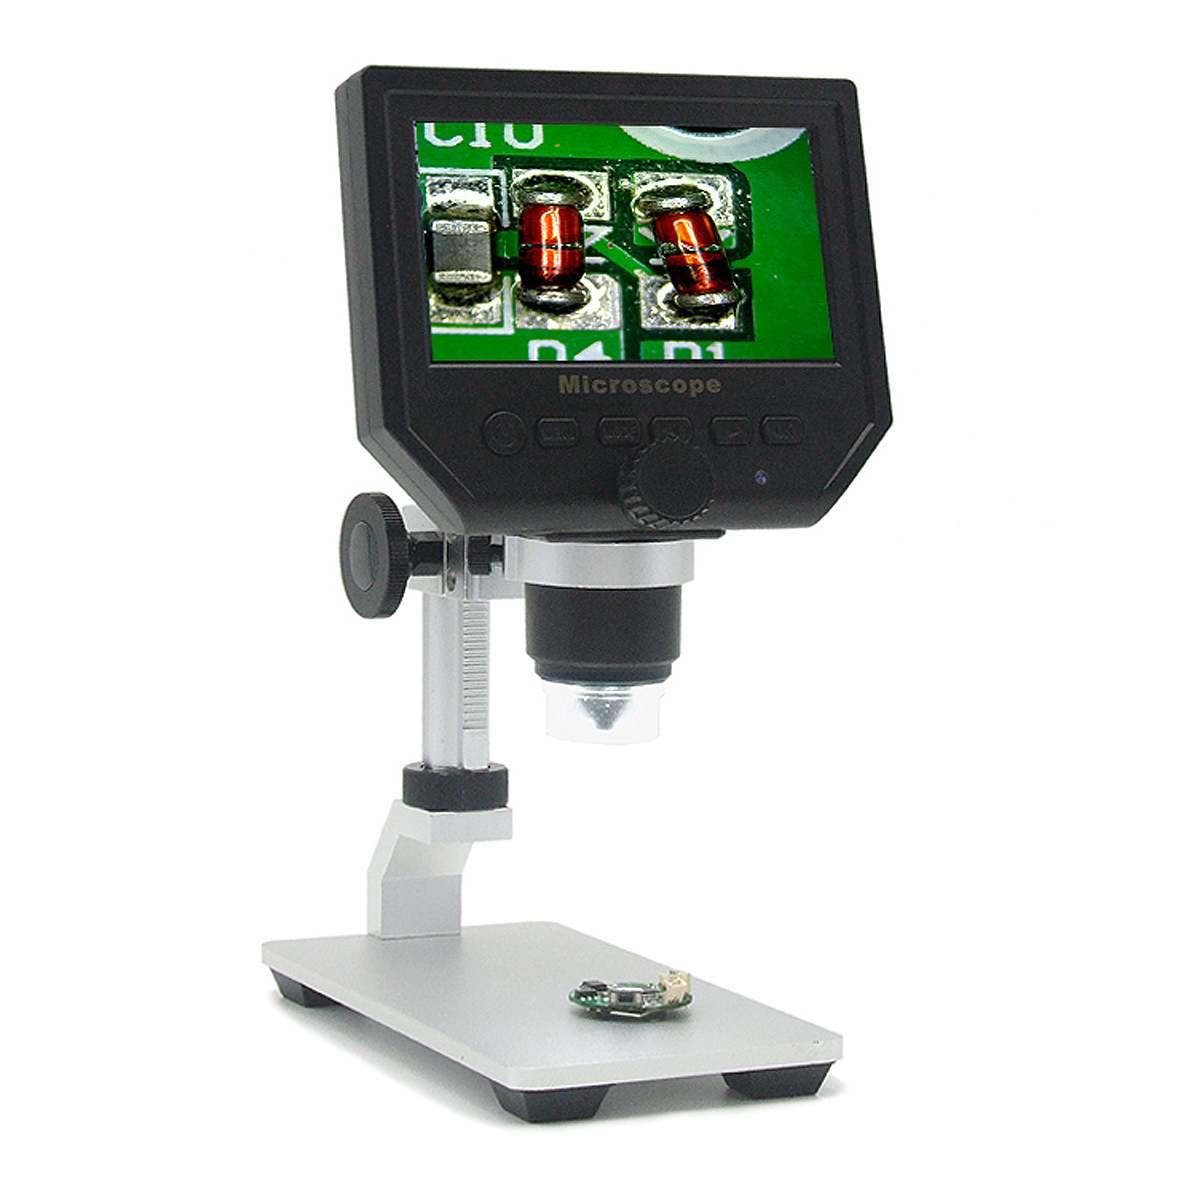 Moutarde G600 Numérique 600X3.6 MP 4.3 pouces HD LCD Affichage Microscope Continue Loupe avec En Alliage D'aluminium Stand Mise À Niveau version